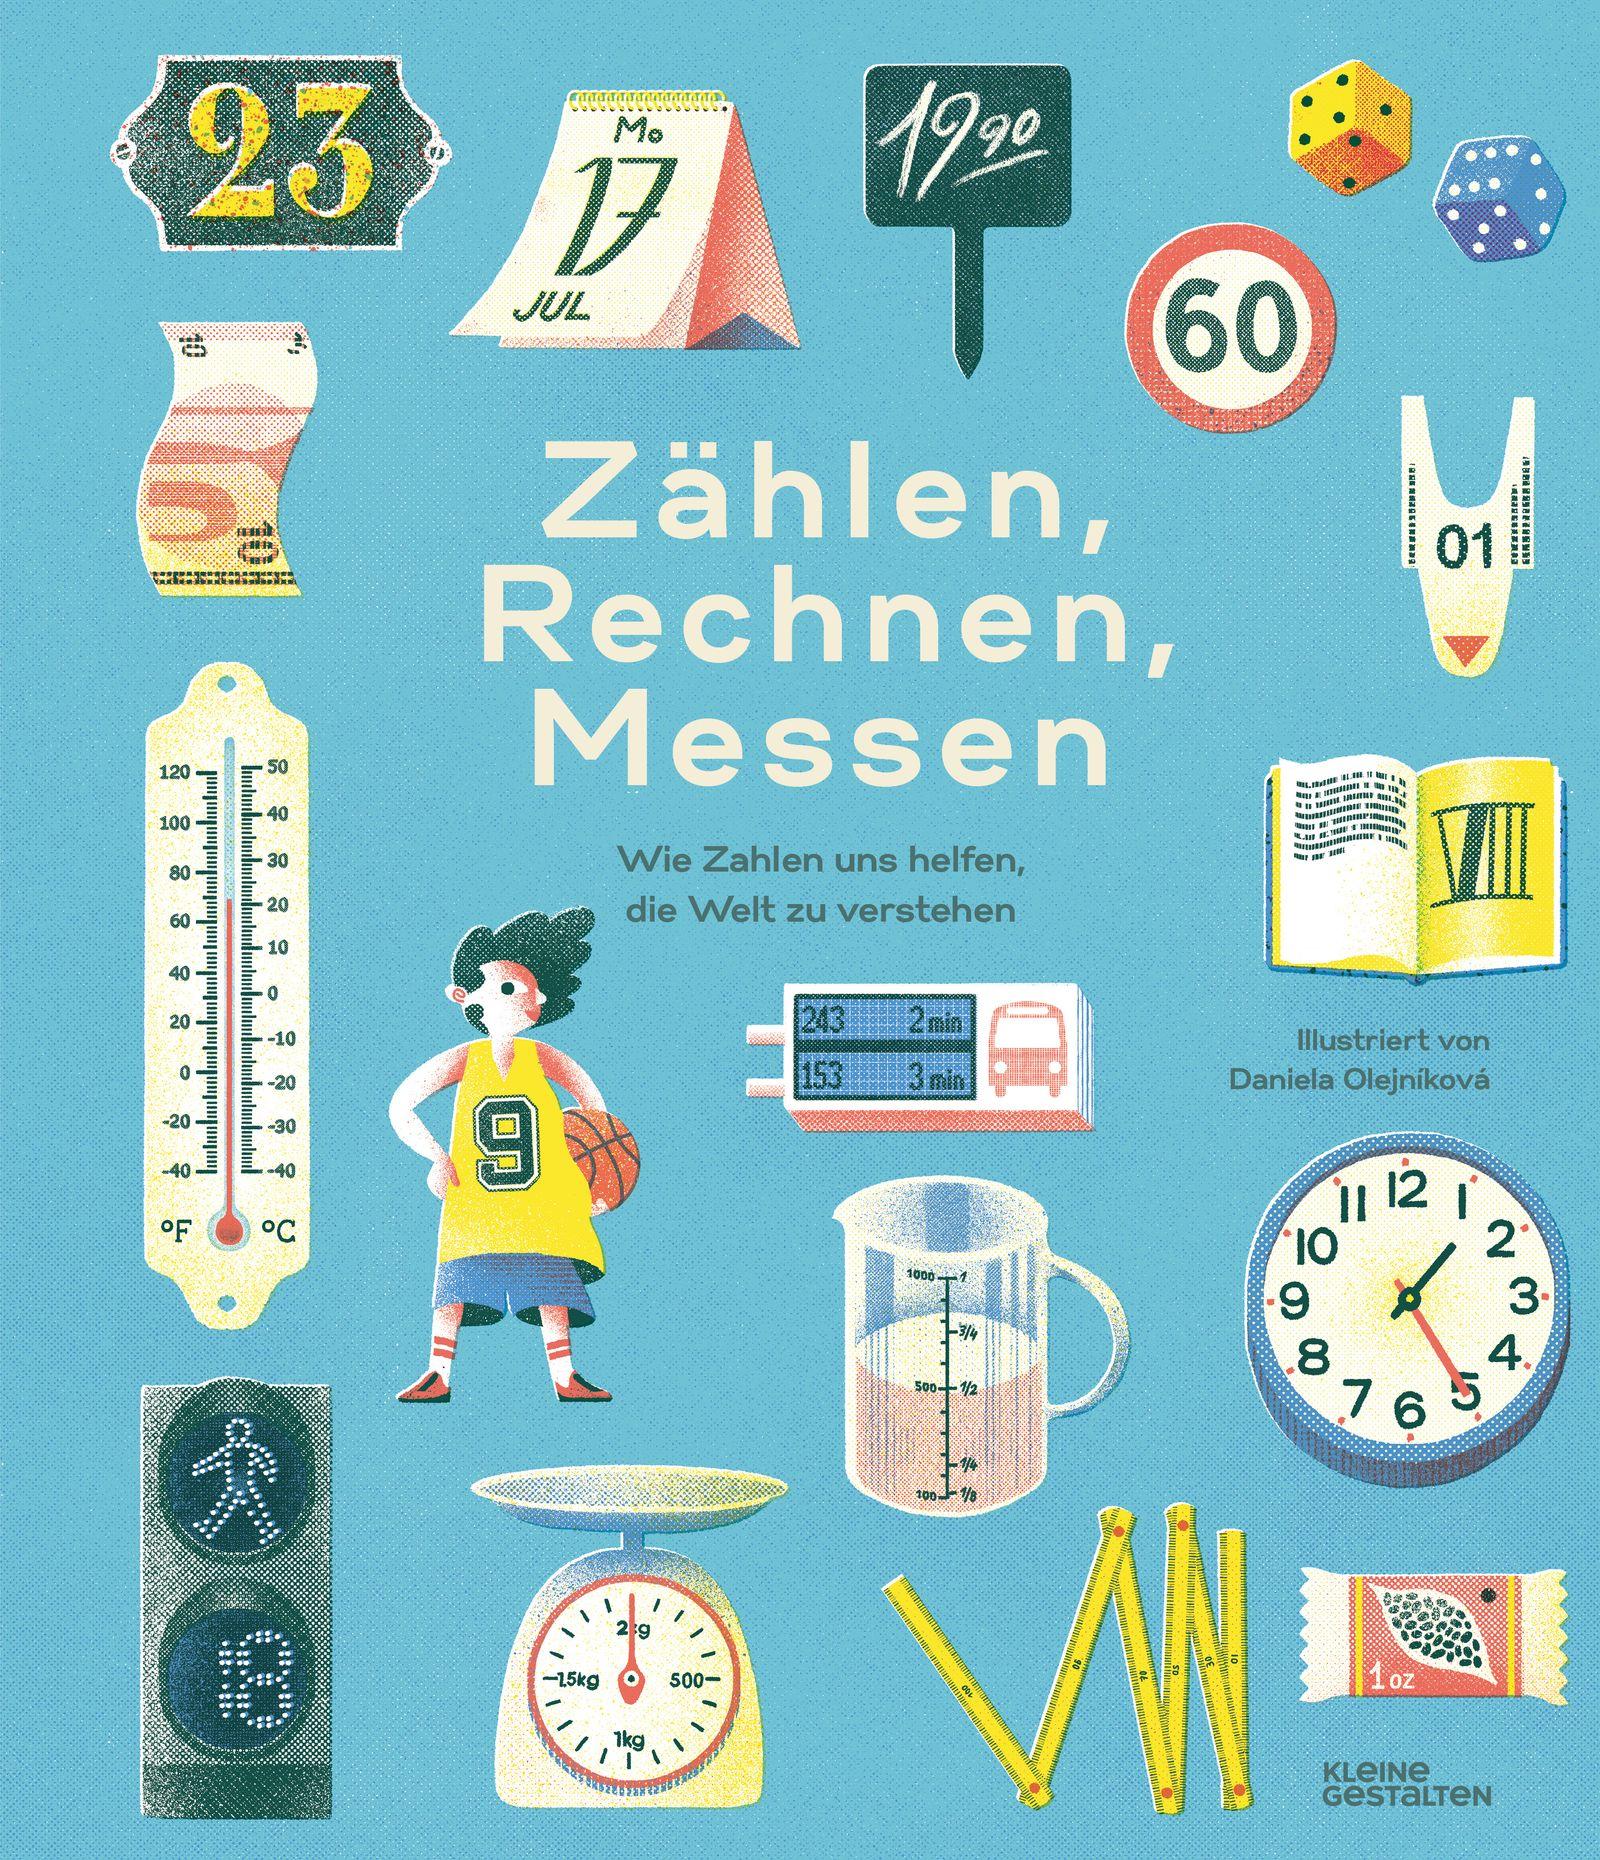 Zaehlen,Rechnen,Messen_Cover_KleineGestalten2020